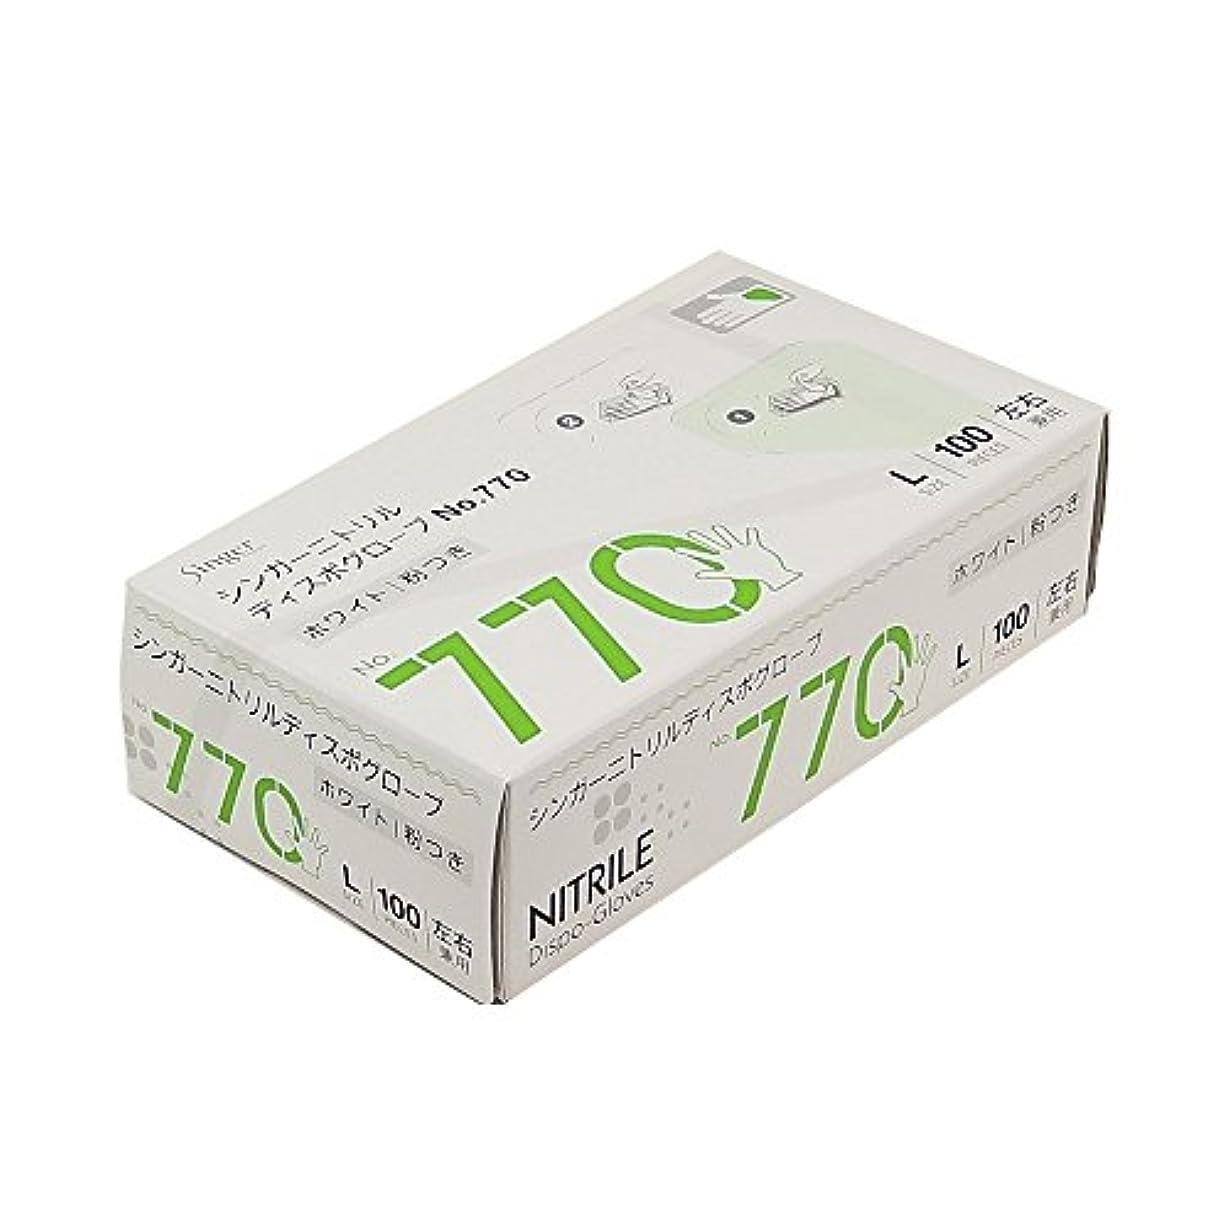 宇都宮製作 ディスポ手袋 シンガーニトリルディスポグローブ No.770 ホワイト 粉付 100枚入  L